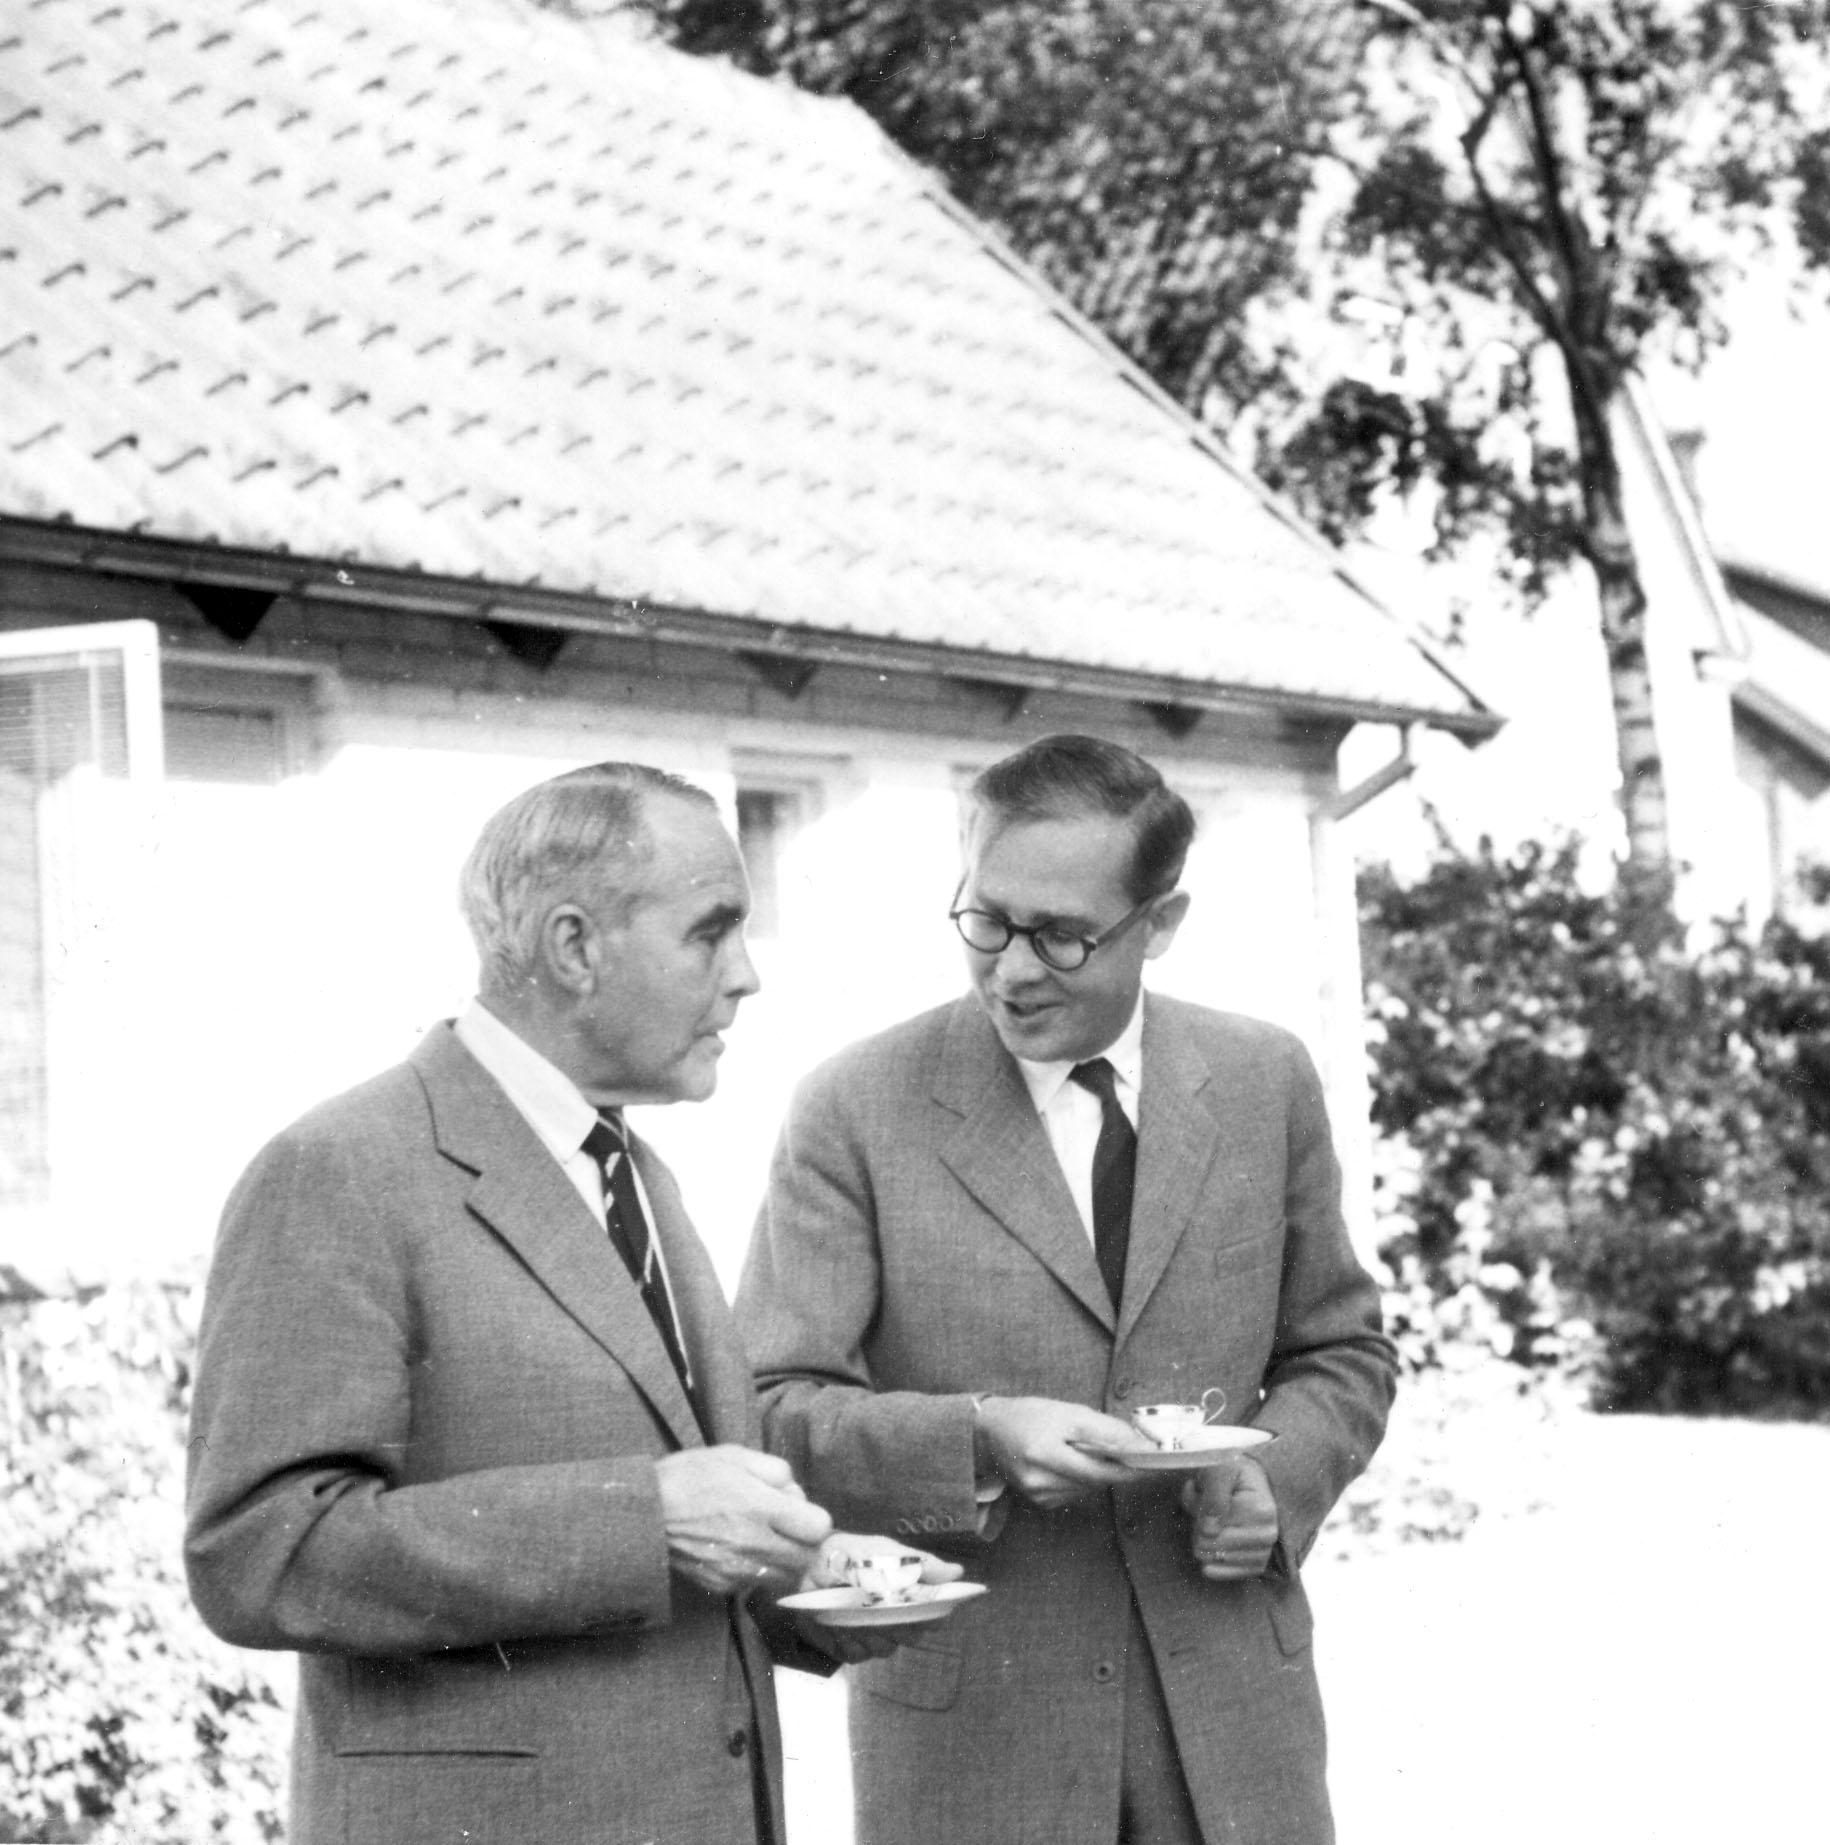 Sven Larsson och Torsten Krakau på Sven Larssons avskedsparty, rimligen 1959.